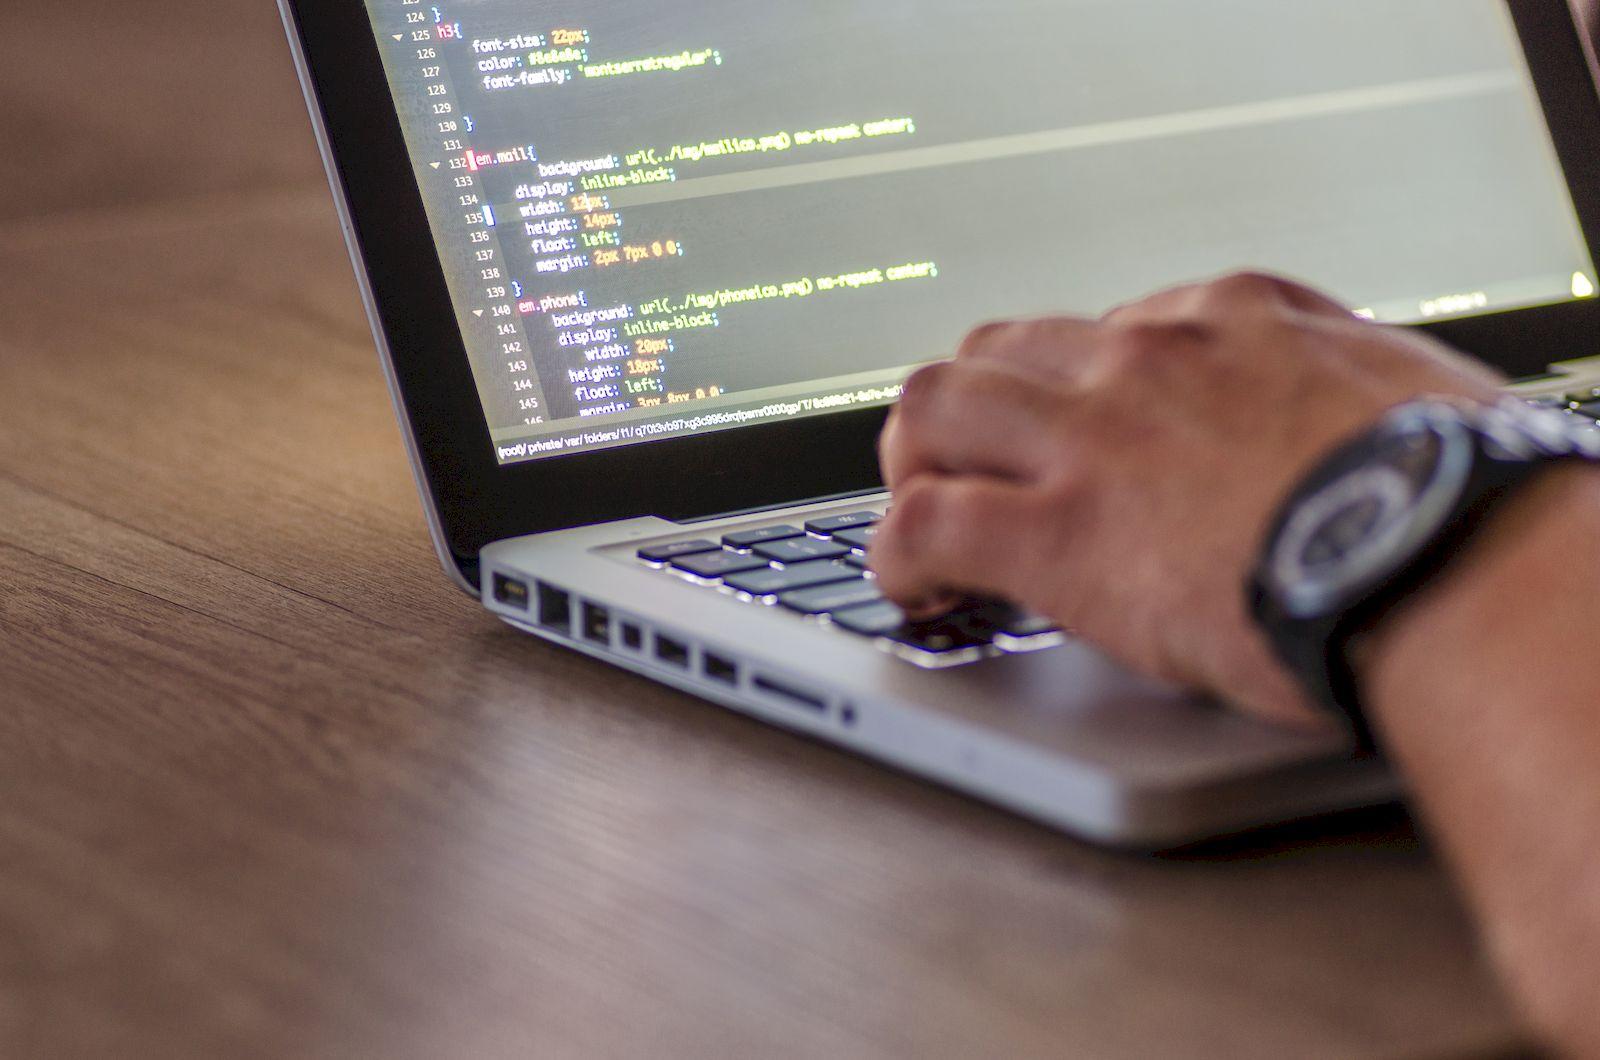 Laravel 5.6, corregir valor null cuando los campos de un formulario están vacíos